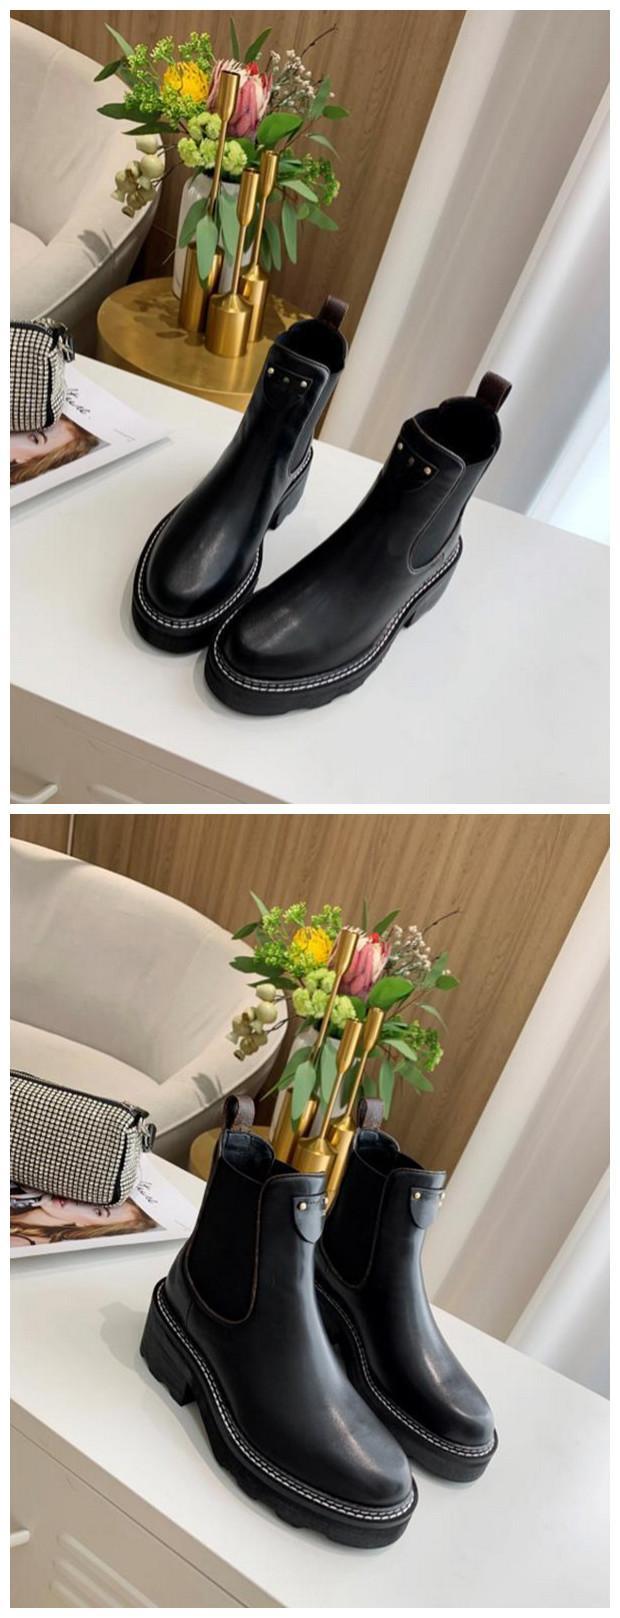 Clásico de la manera BEAUBOURG tobillo botas de zapatos de las mujeres botas de invierno muchachas de las señoras de seda de la piel de vacuno de alta Top para mujer plana del cargador del tobillo